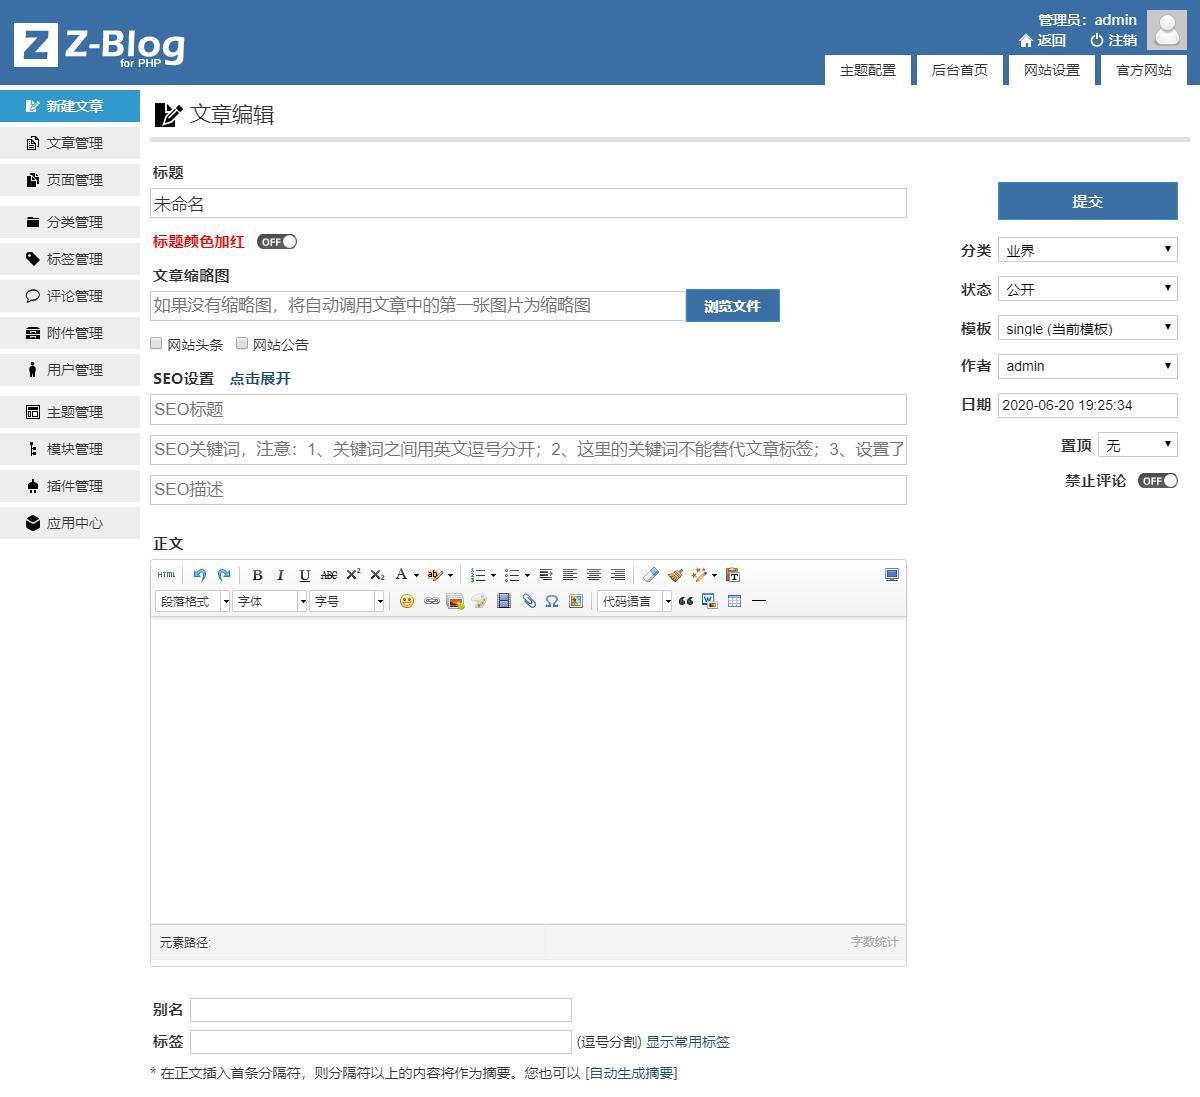 企业官网|CMS行业资讯类主题 zblog主题 响应式 cms 行业资讯 企业官网 Z blogPHP  第2张